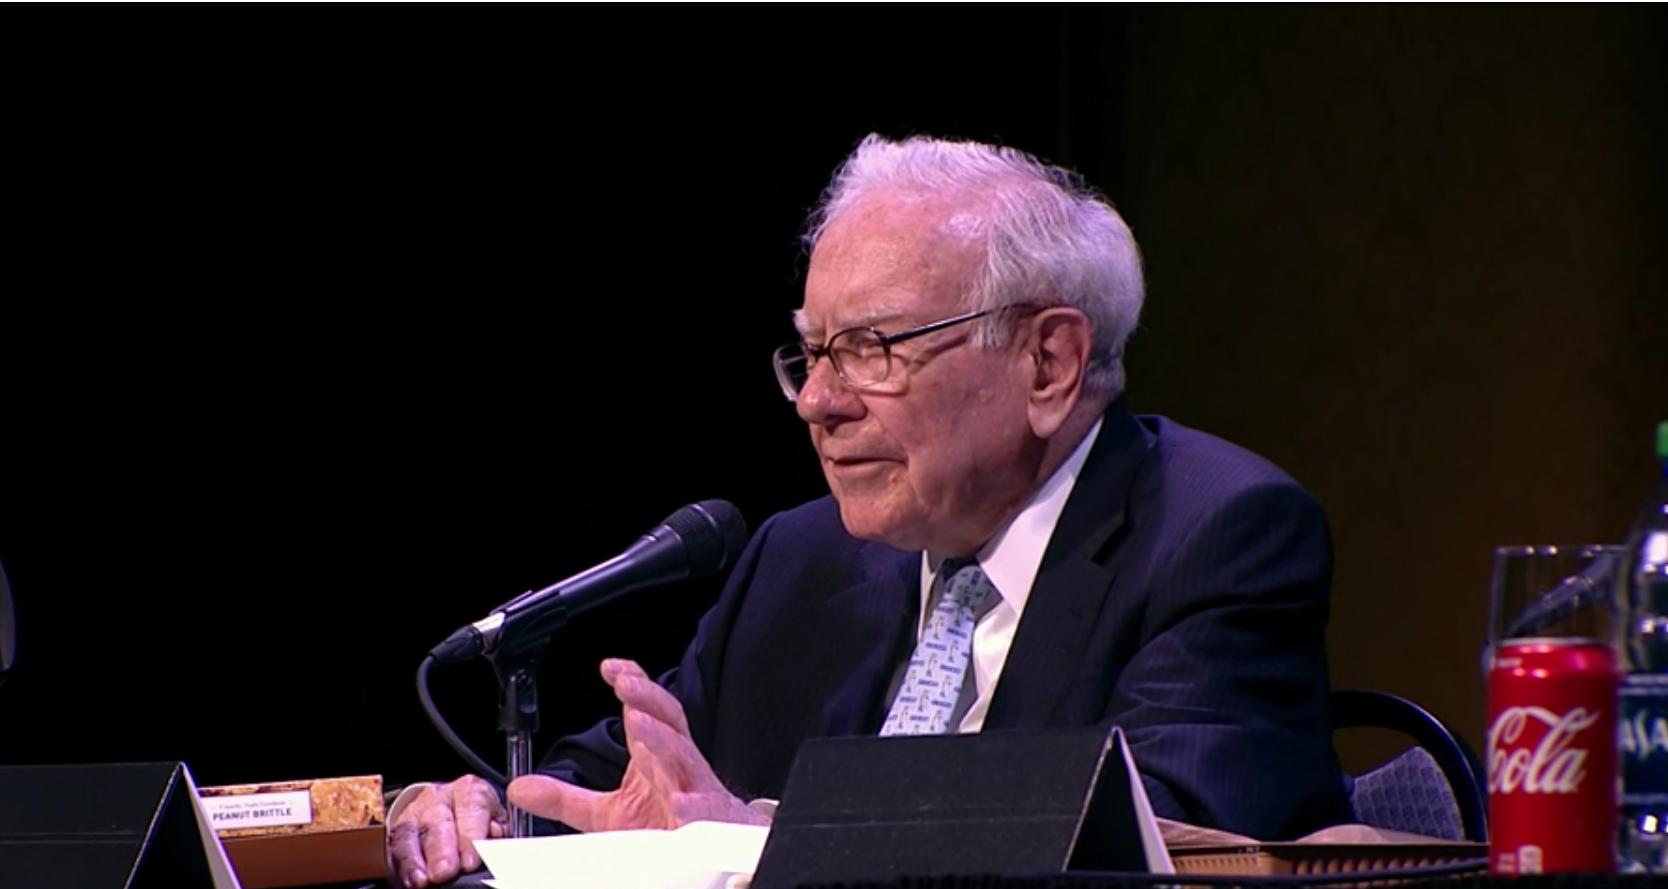 Warren-Buffett-verrät-sein-51-Millionen-Geheimnis-Kommentar-Oliver-Baron-GodmodeTrader.de-3